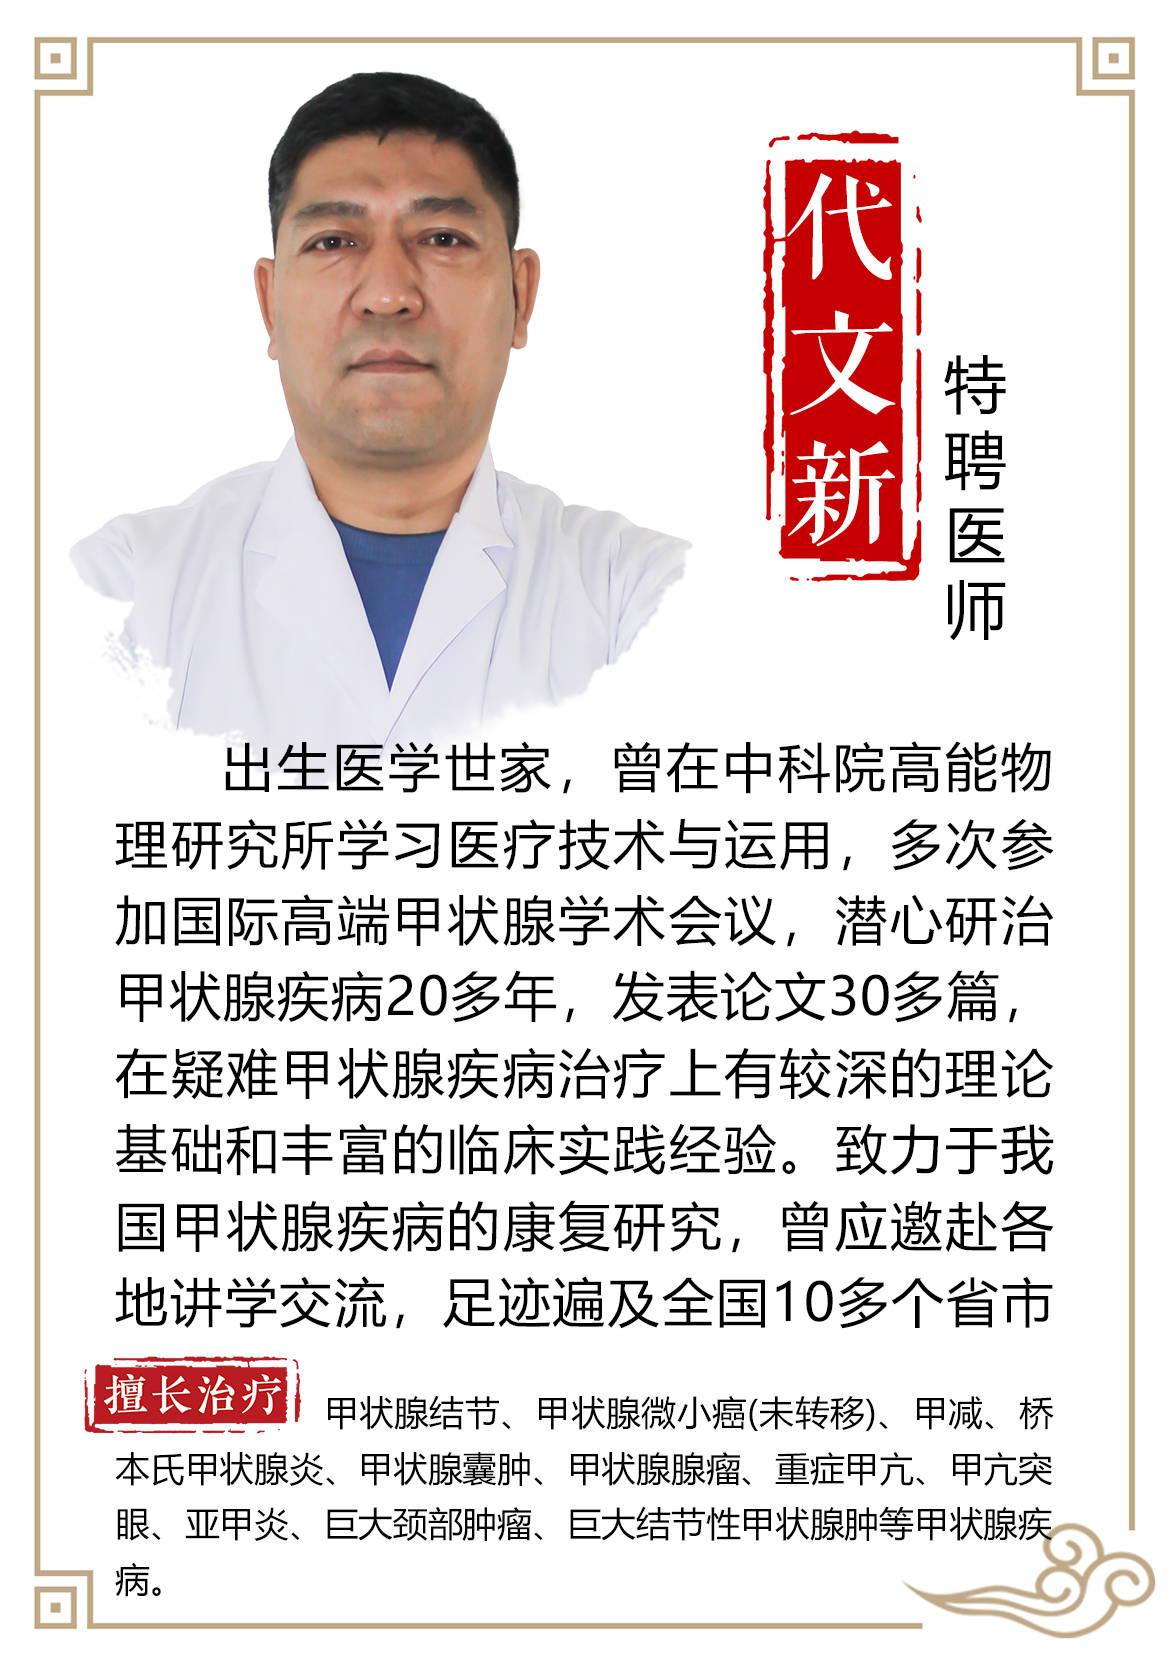 李俊航上海医生